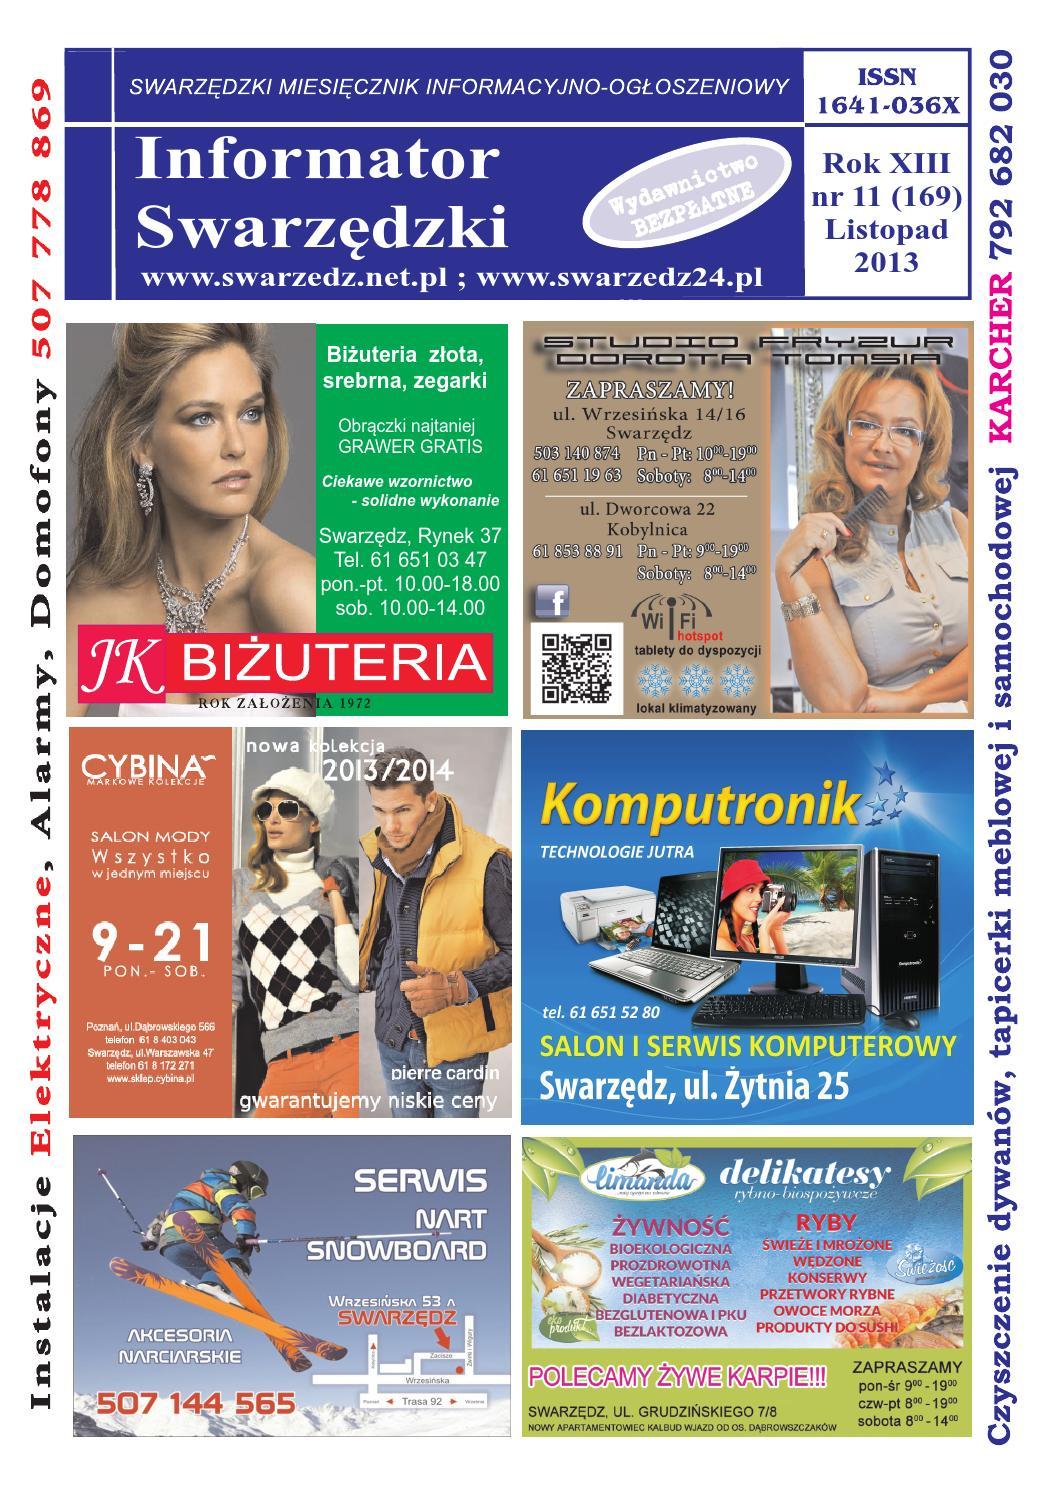 Informator Swarzedzki 2013 Listopad By Piotr Chorynski Issuu